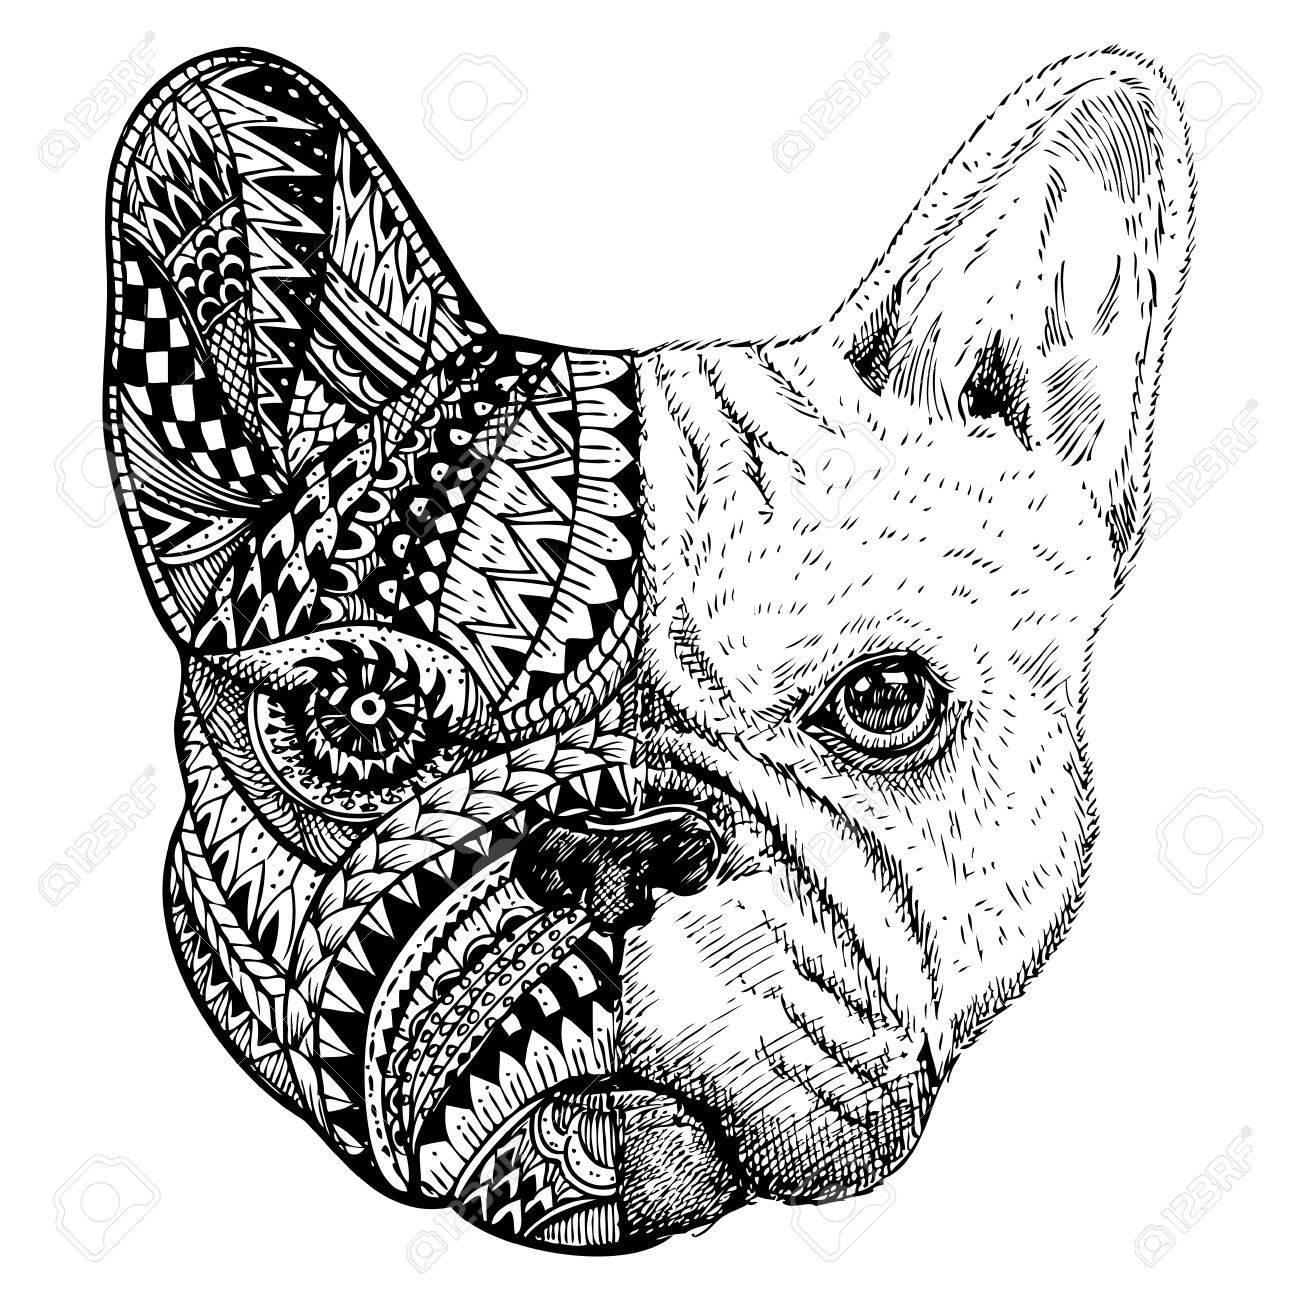 Hand drawn French Bulldog head stylized - 61001790